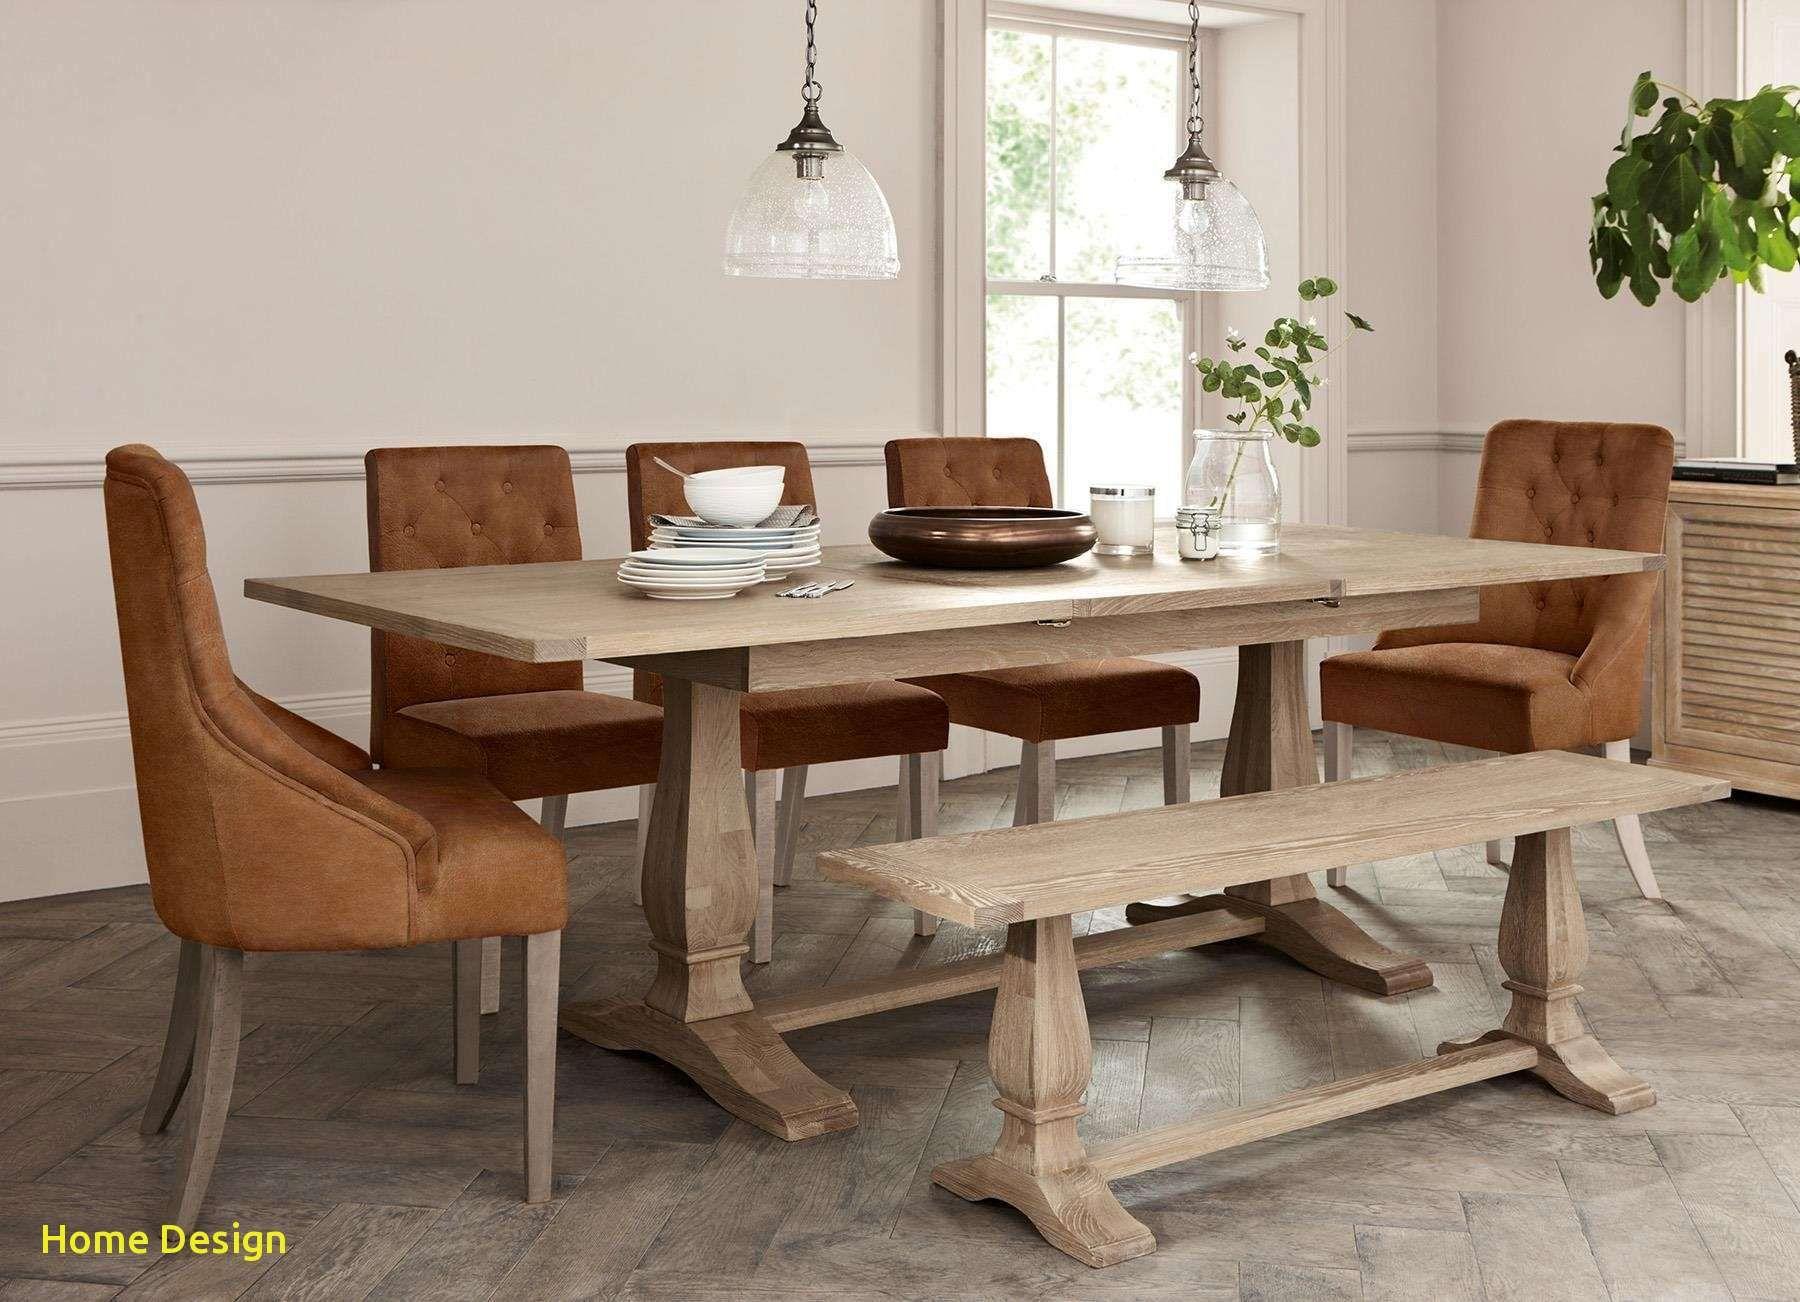 Pin By Klik Home Design On Klik Home Design Unique Dining Tables